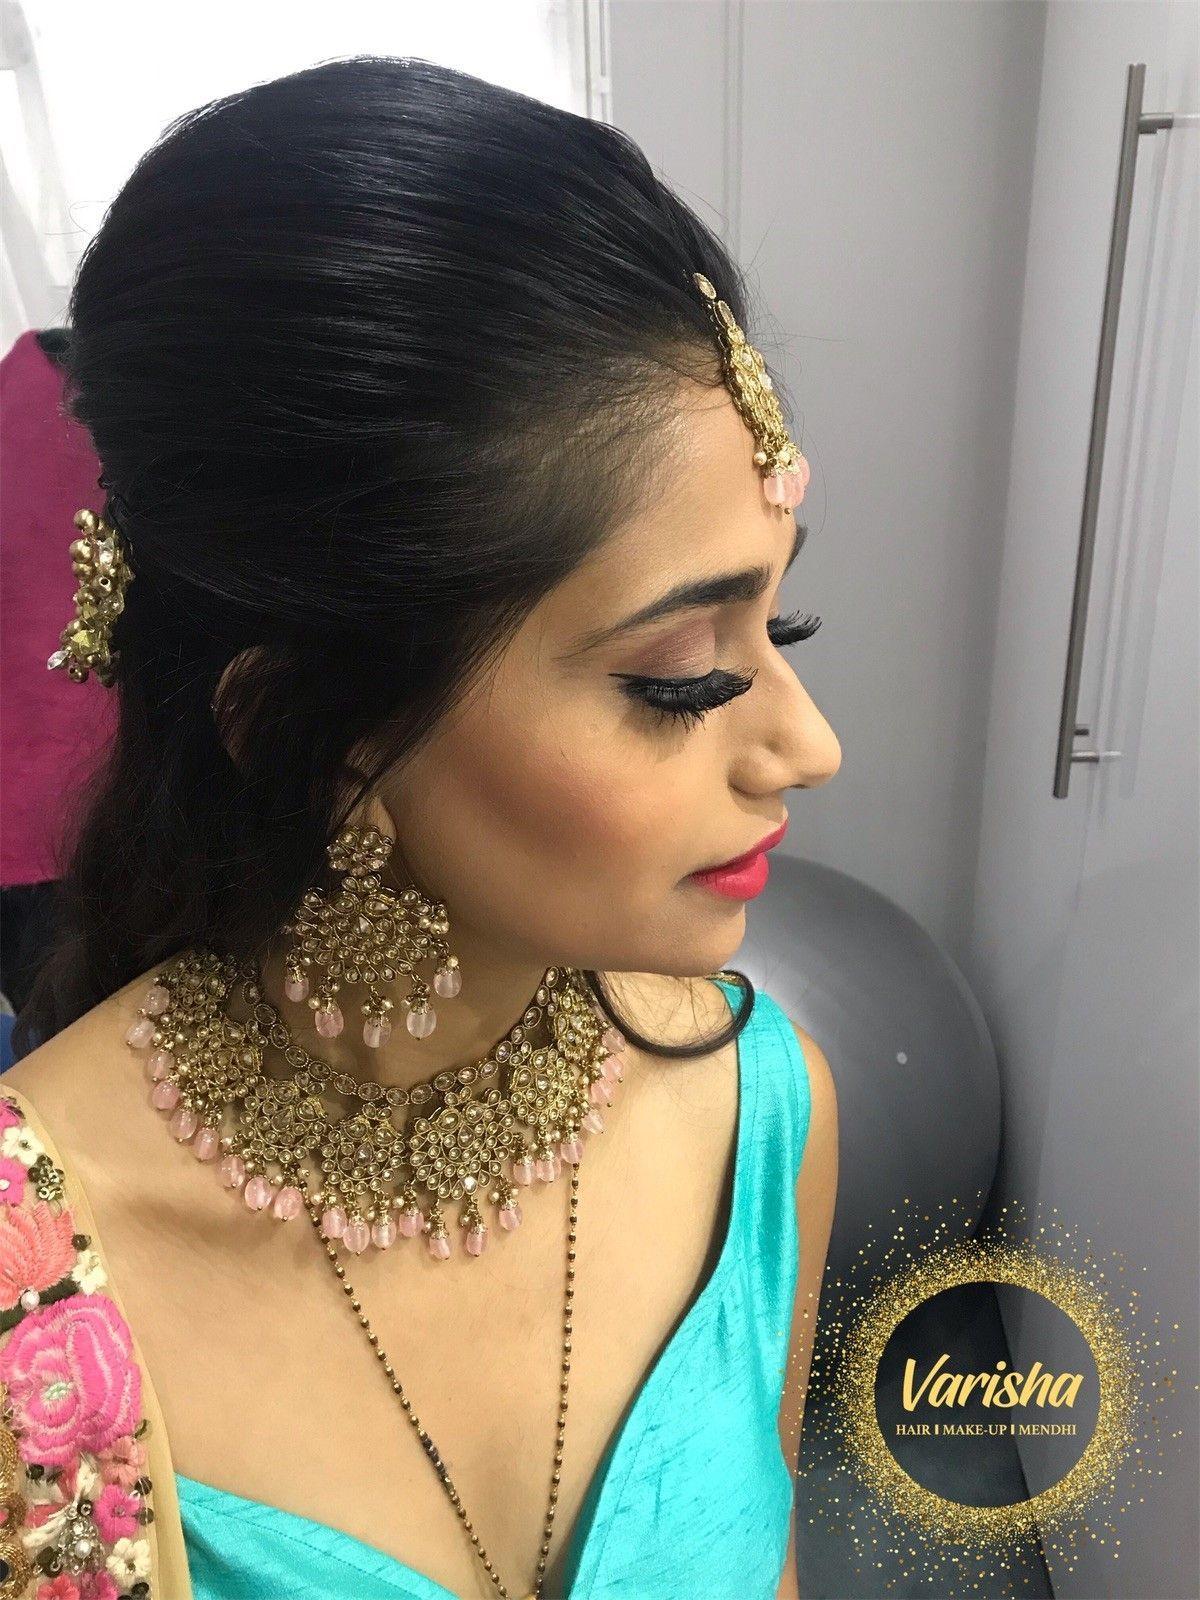 Chandlo/Sagai/Engagement Makeup in 2019 Engagement